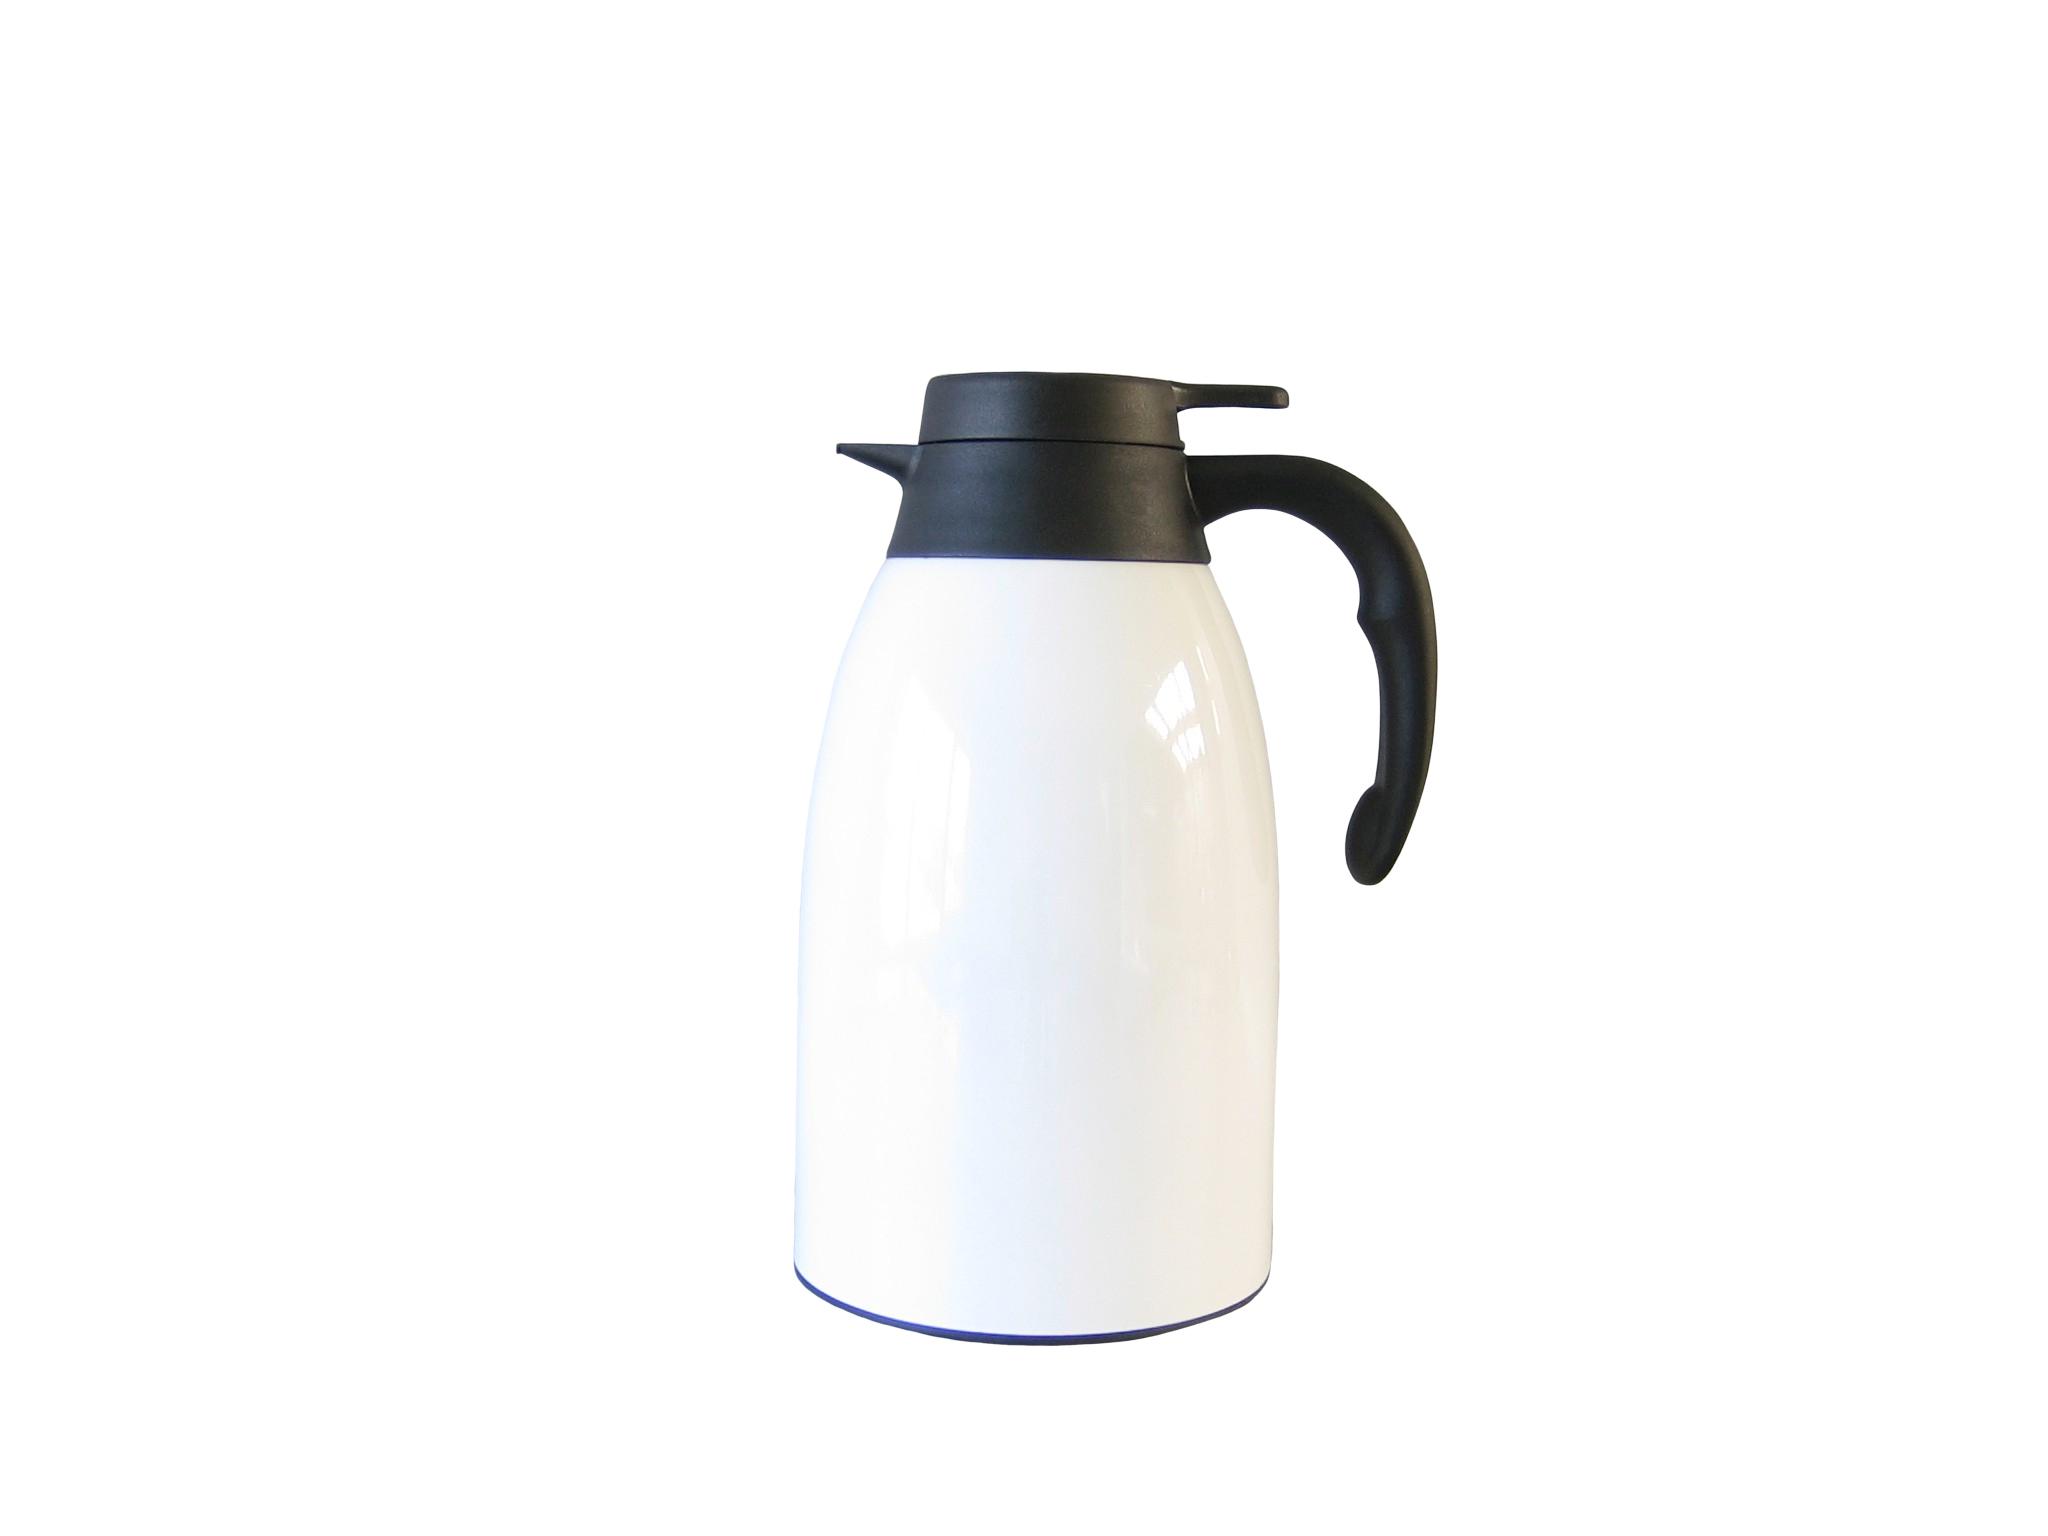 FUJI20-001 - Pichet isotherme incassable inox laqué blanc 2.0 L - Isobel